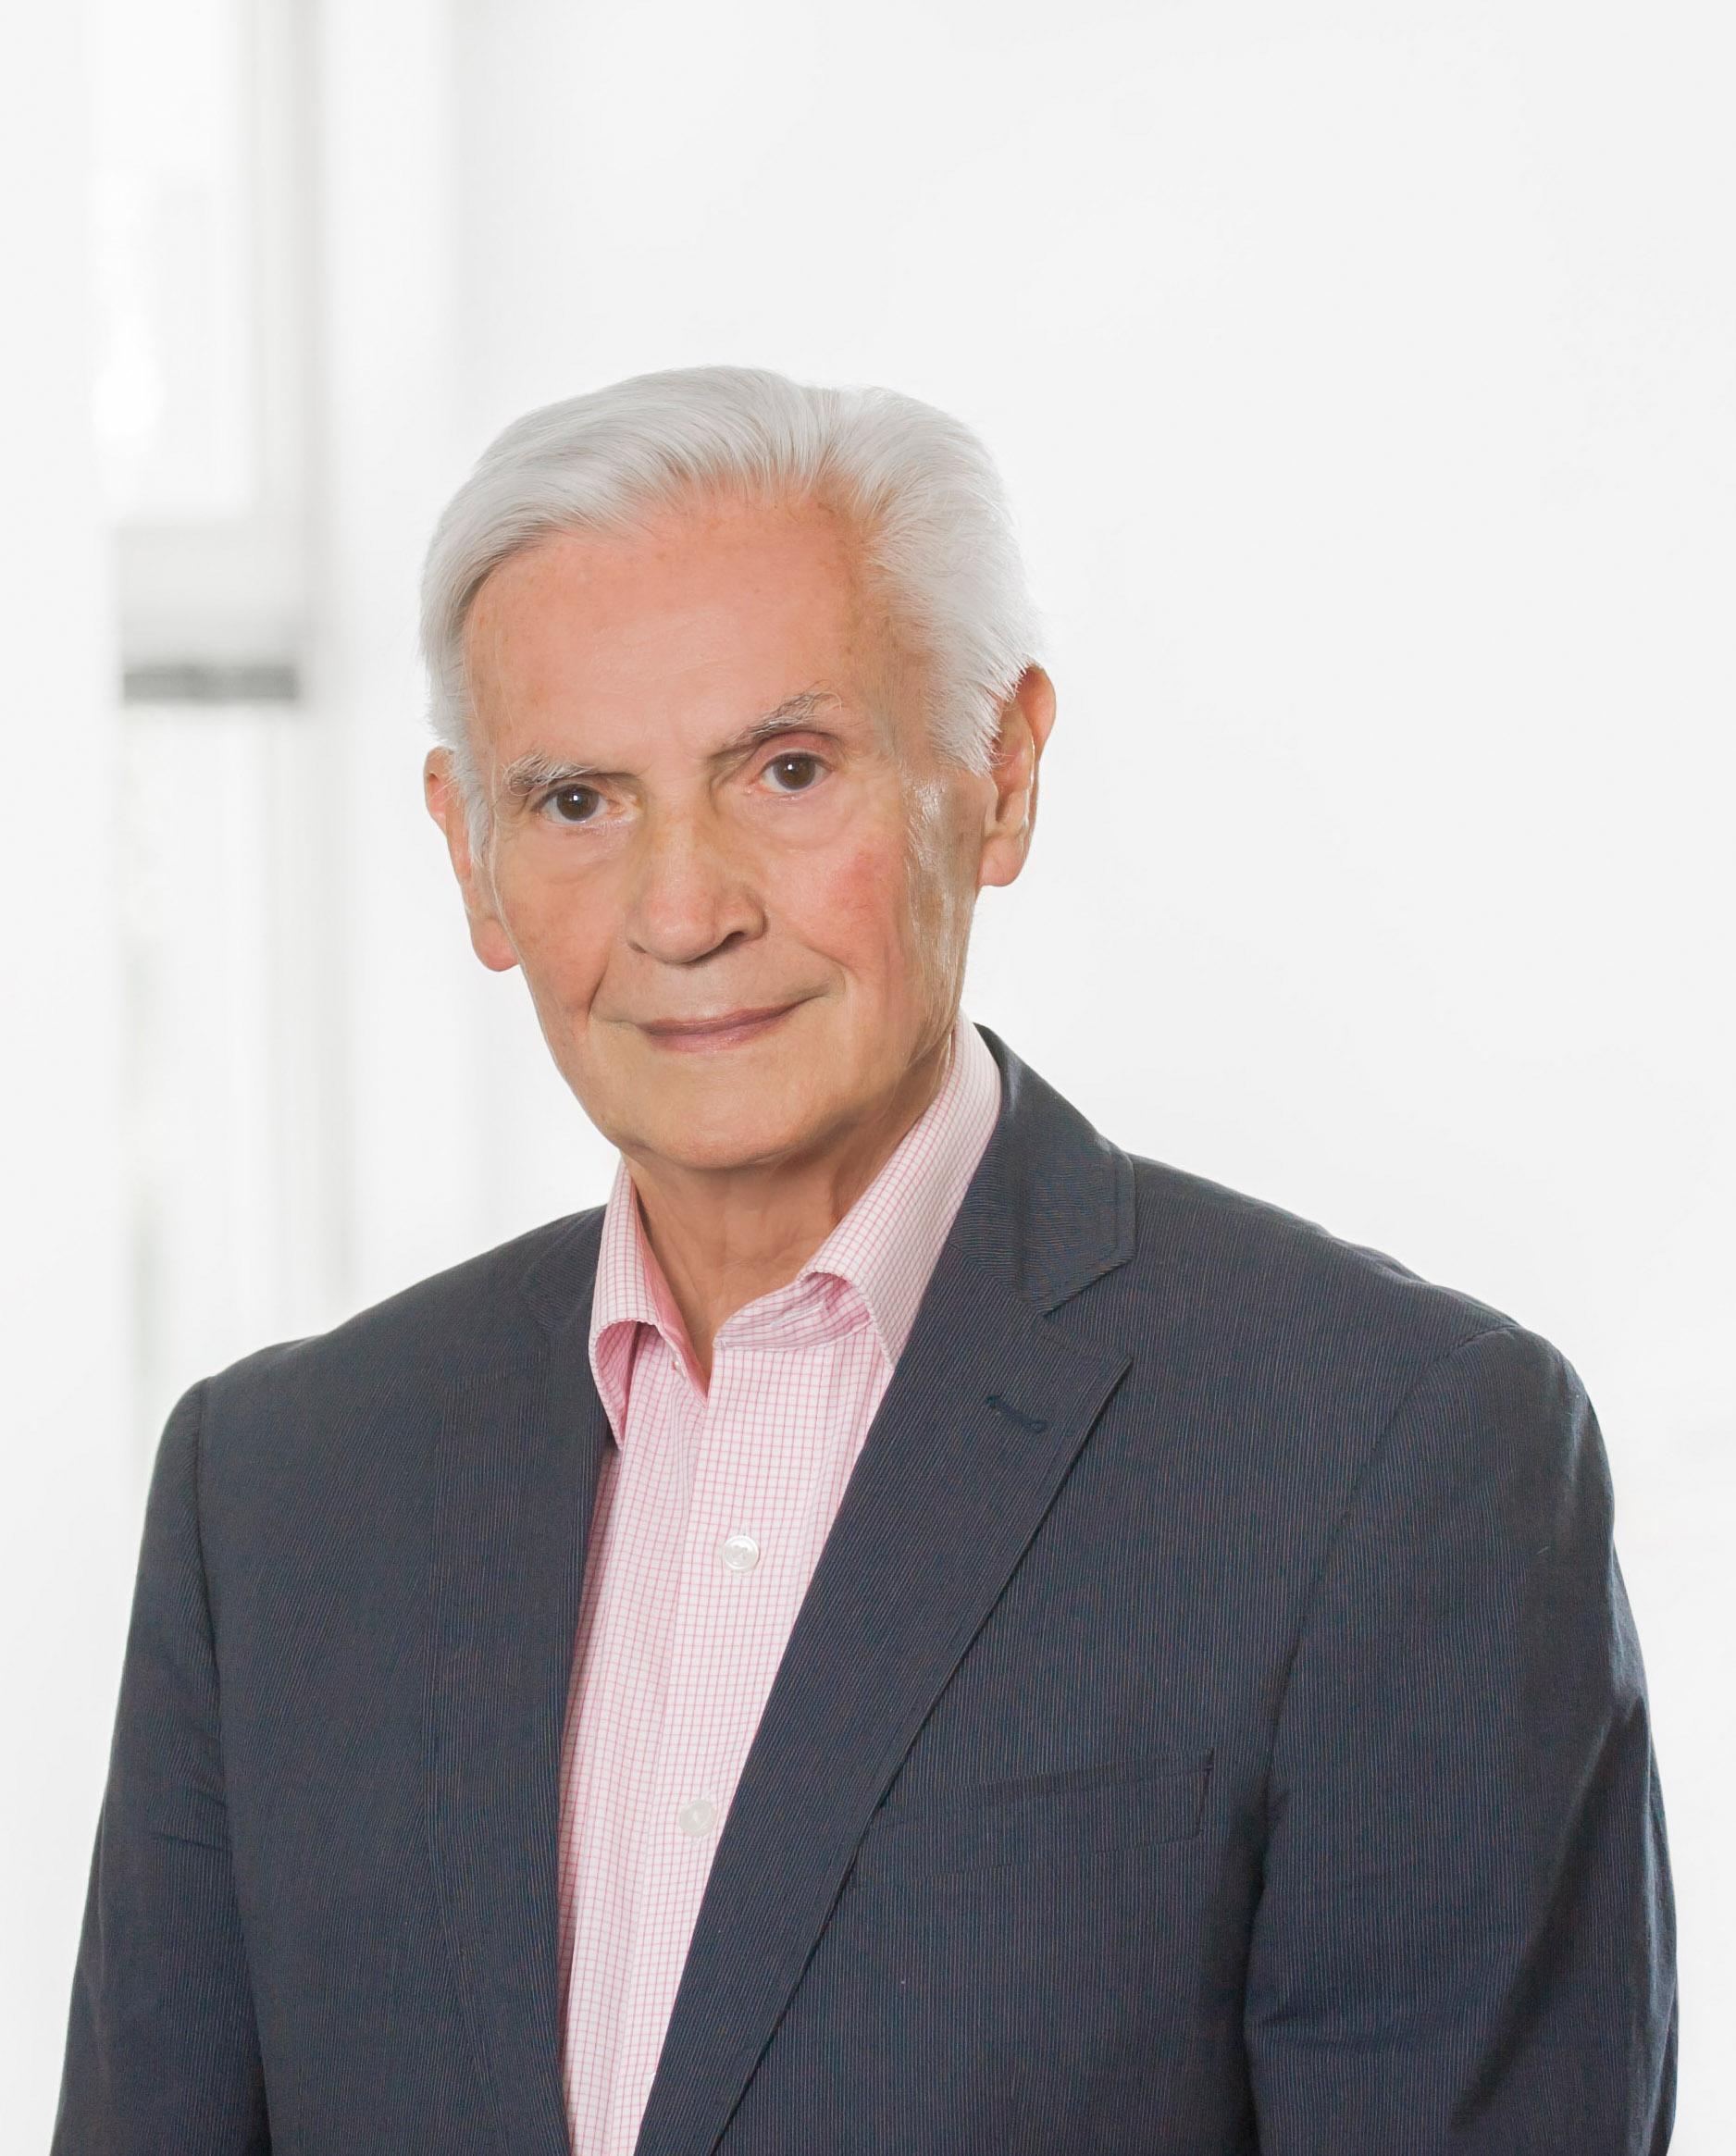 Hans Jürgen Kleinsteuber